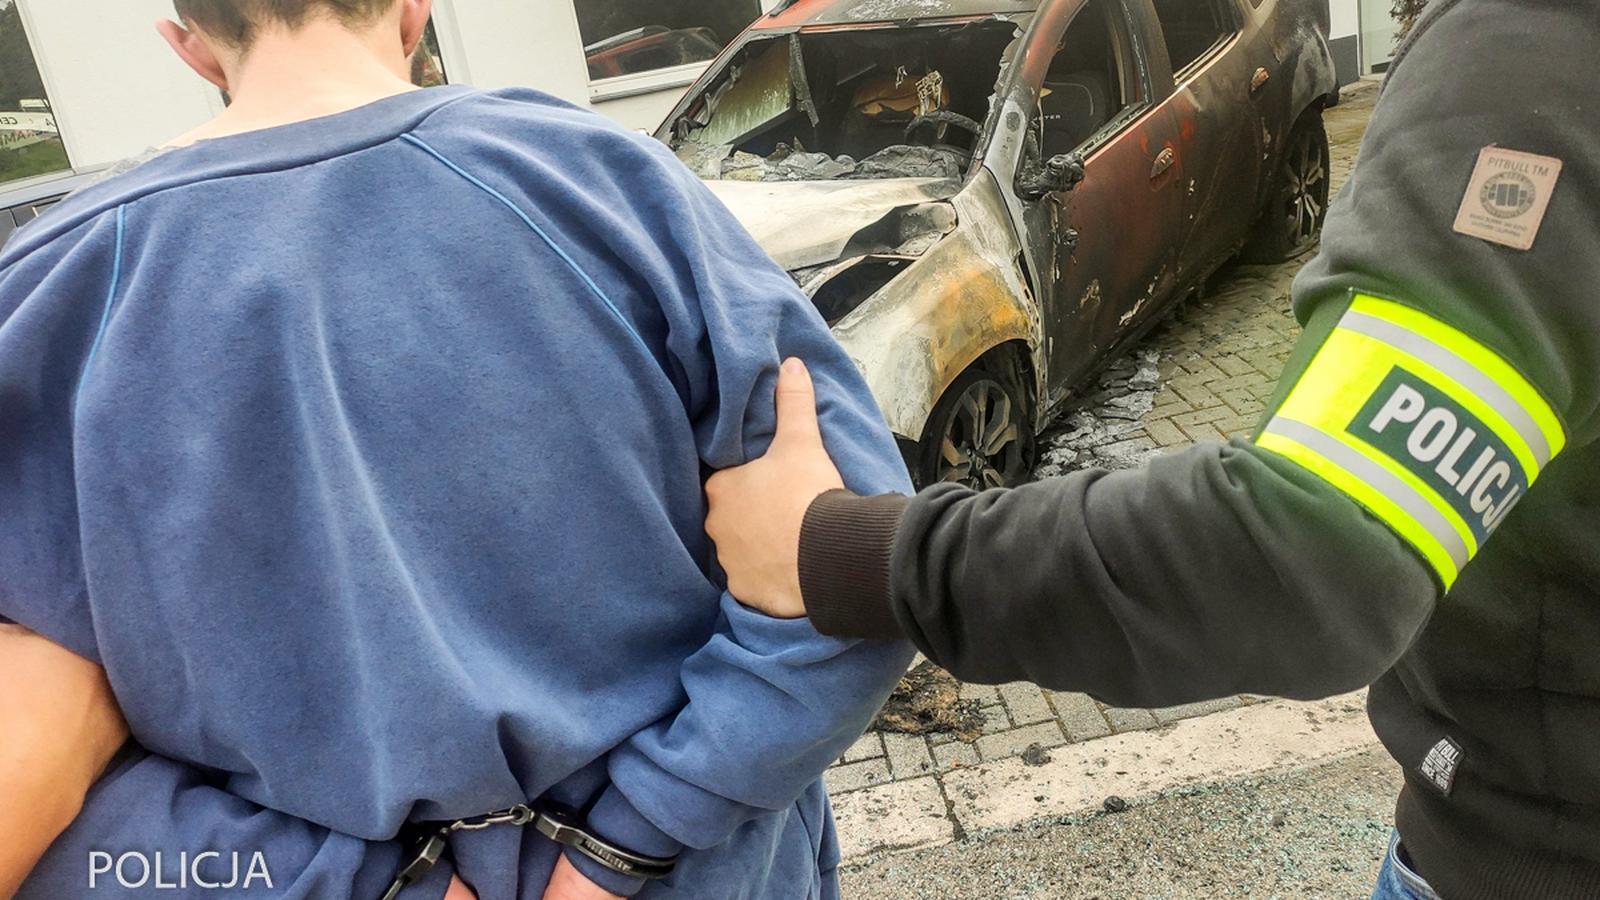 Podpalił auta, a działanie służb relacjonował w social mediach